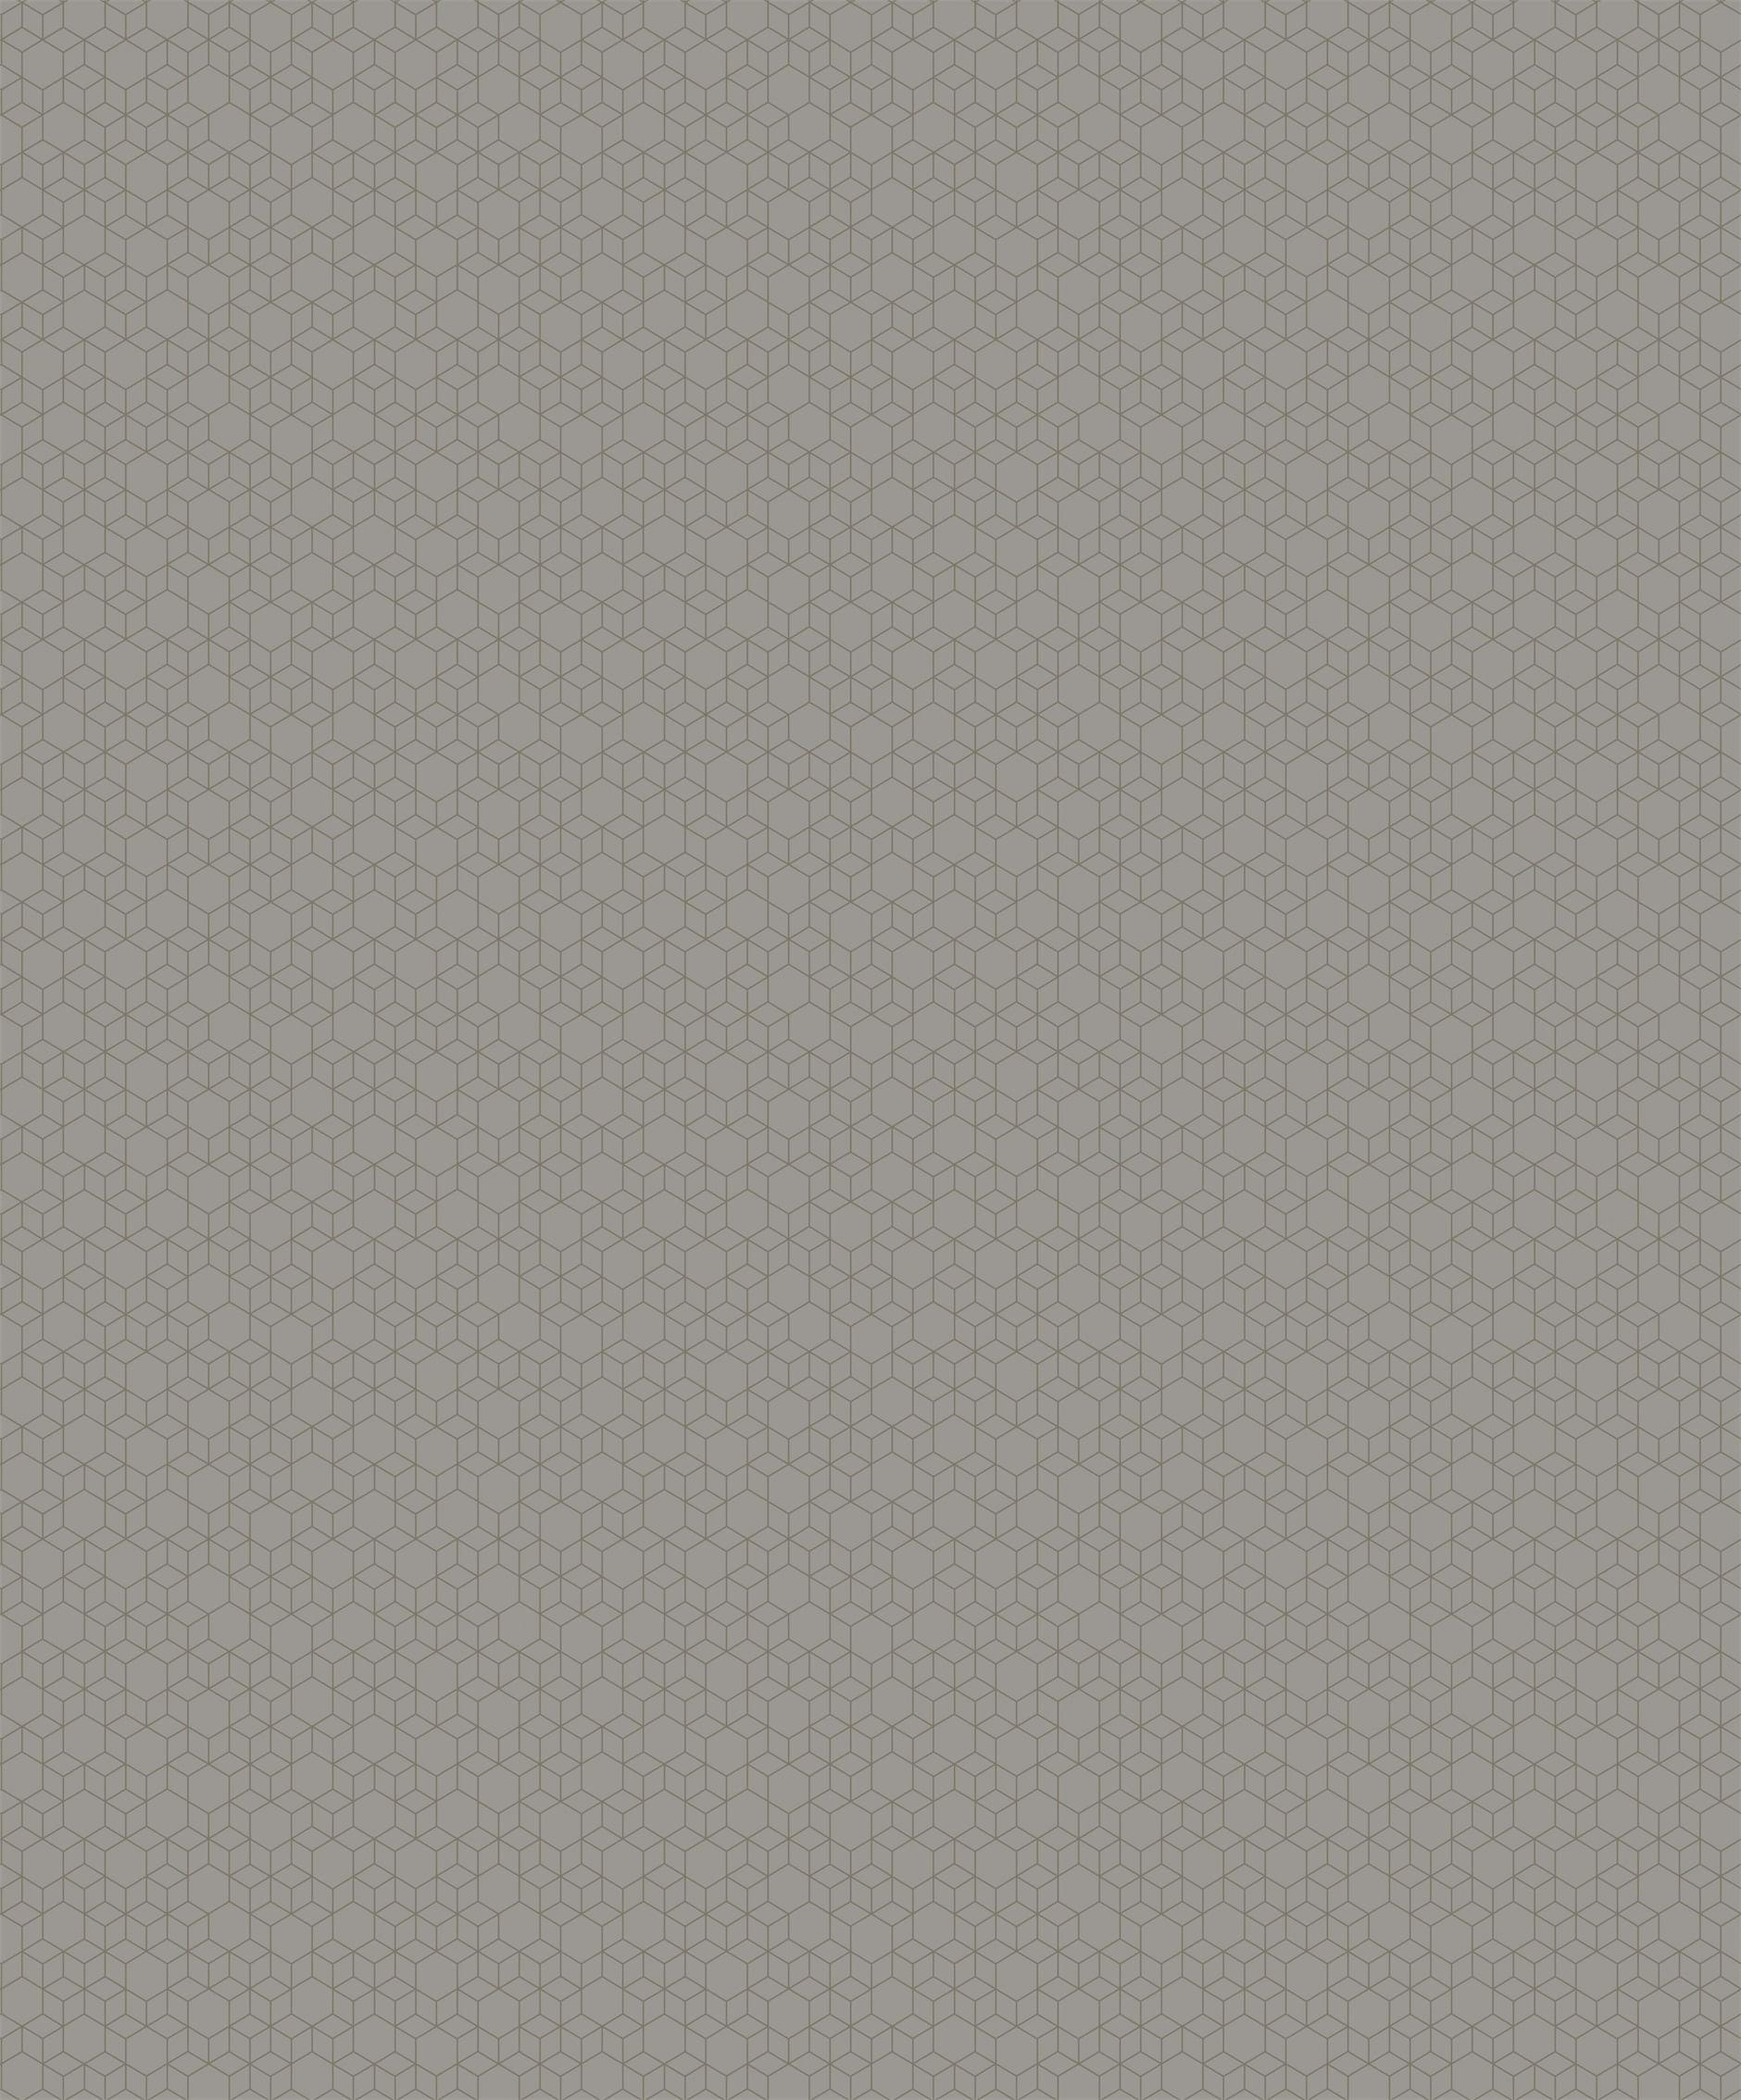 Papel de Parede Modern Maison Mini Geométrico MM558205 - Rolo: 10m x 0,52m